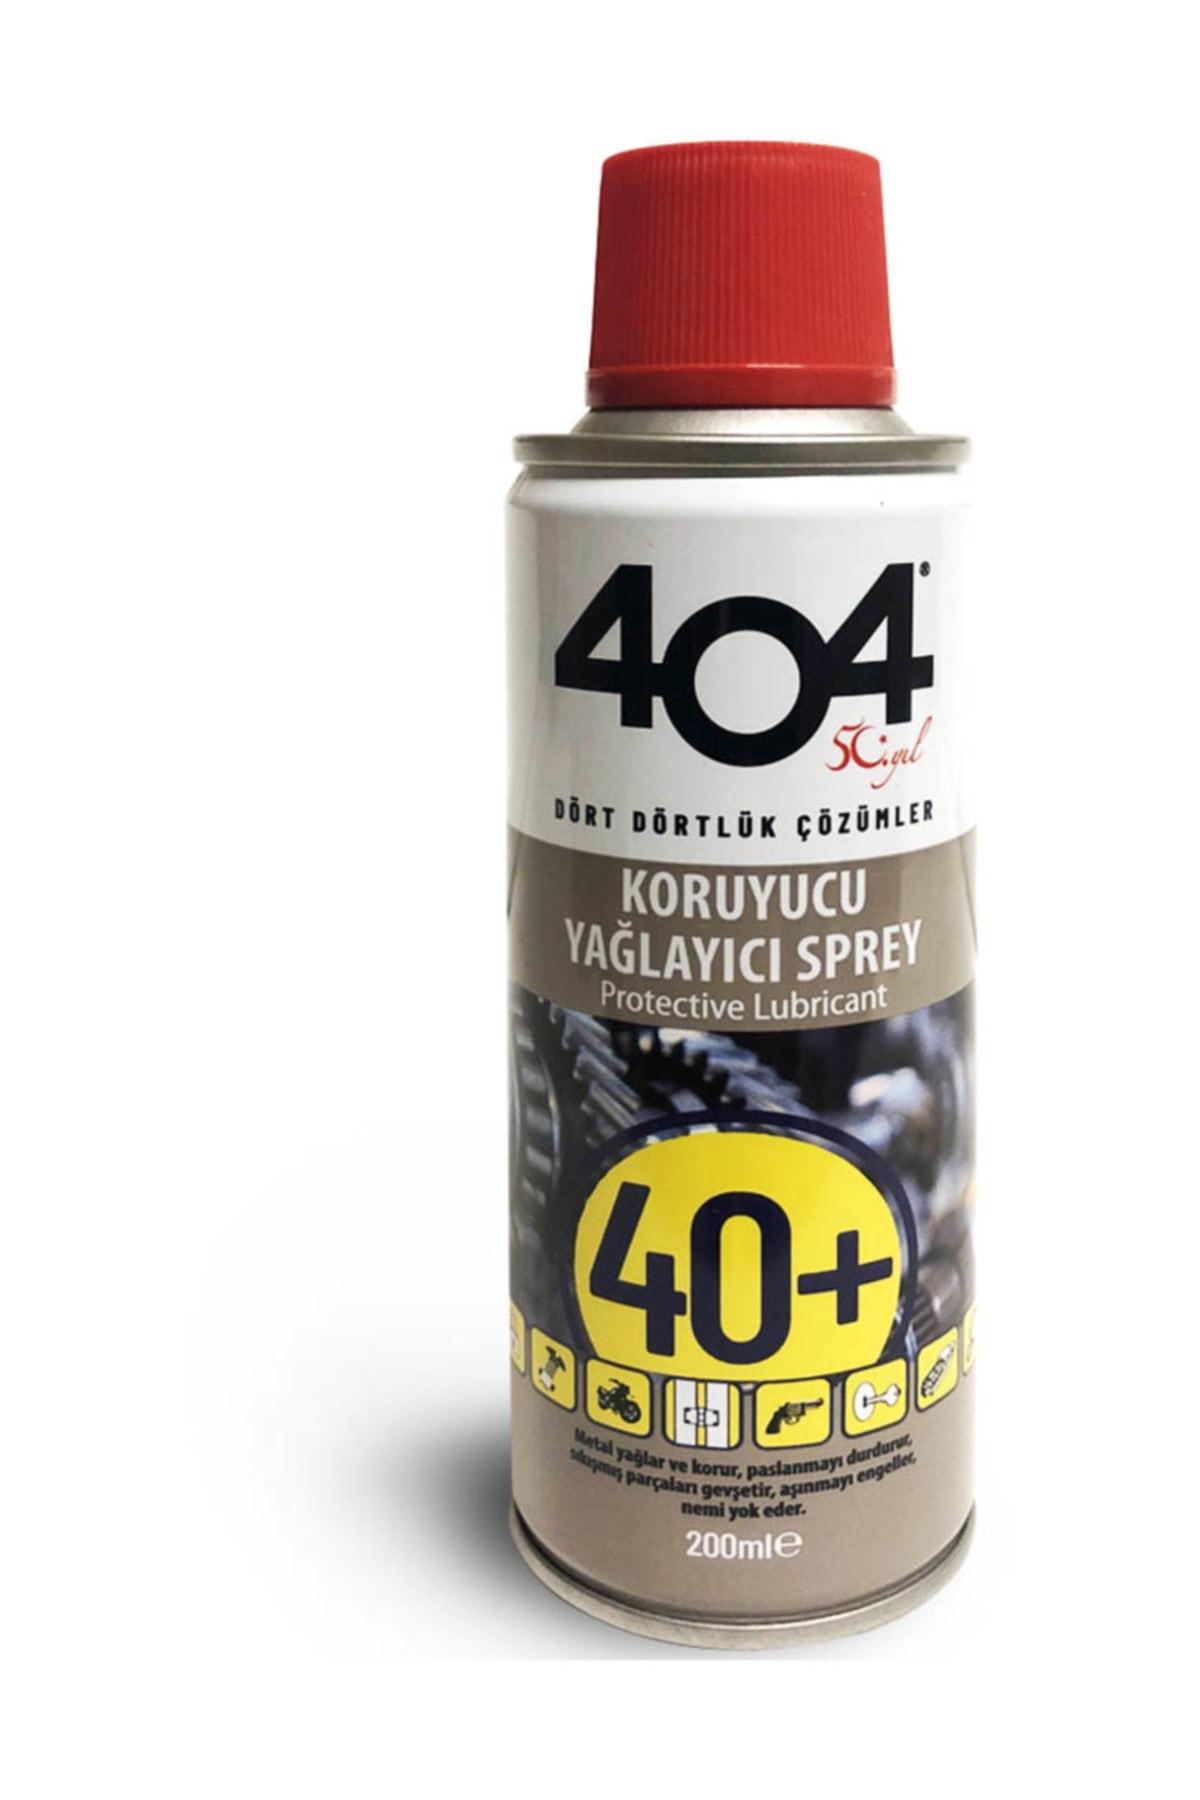 404 Kimya 404 Pas Sökücü 40+ Koruyucu Yağlayıcı Sprey 200 Ml 1